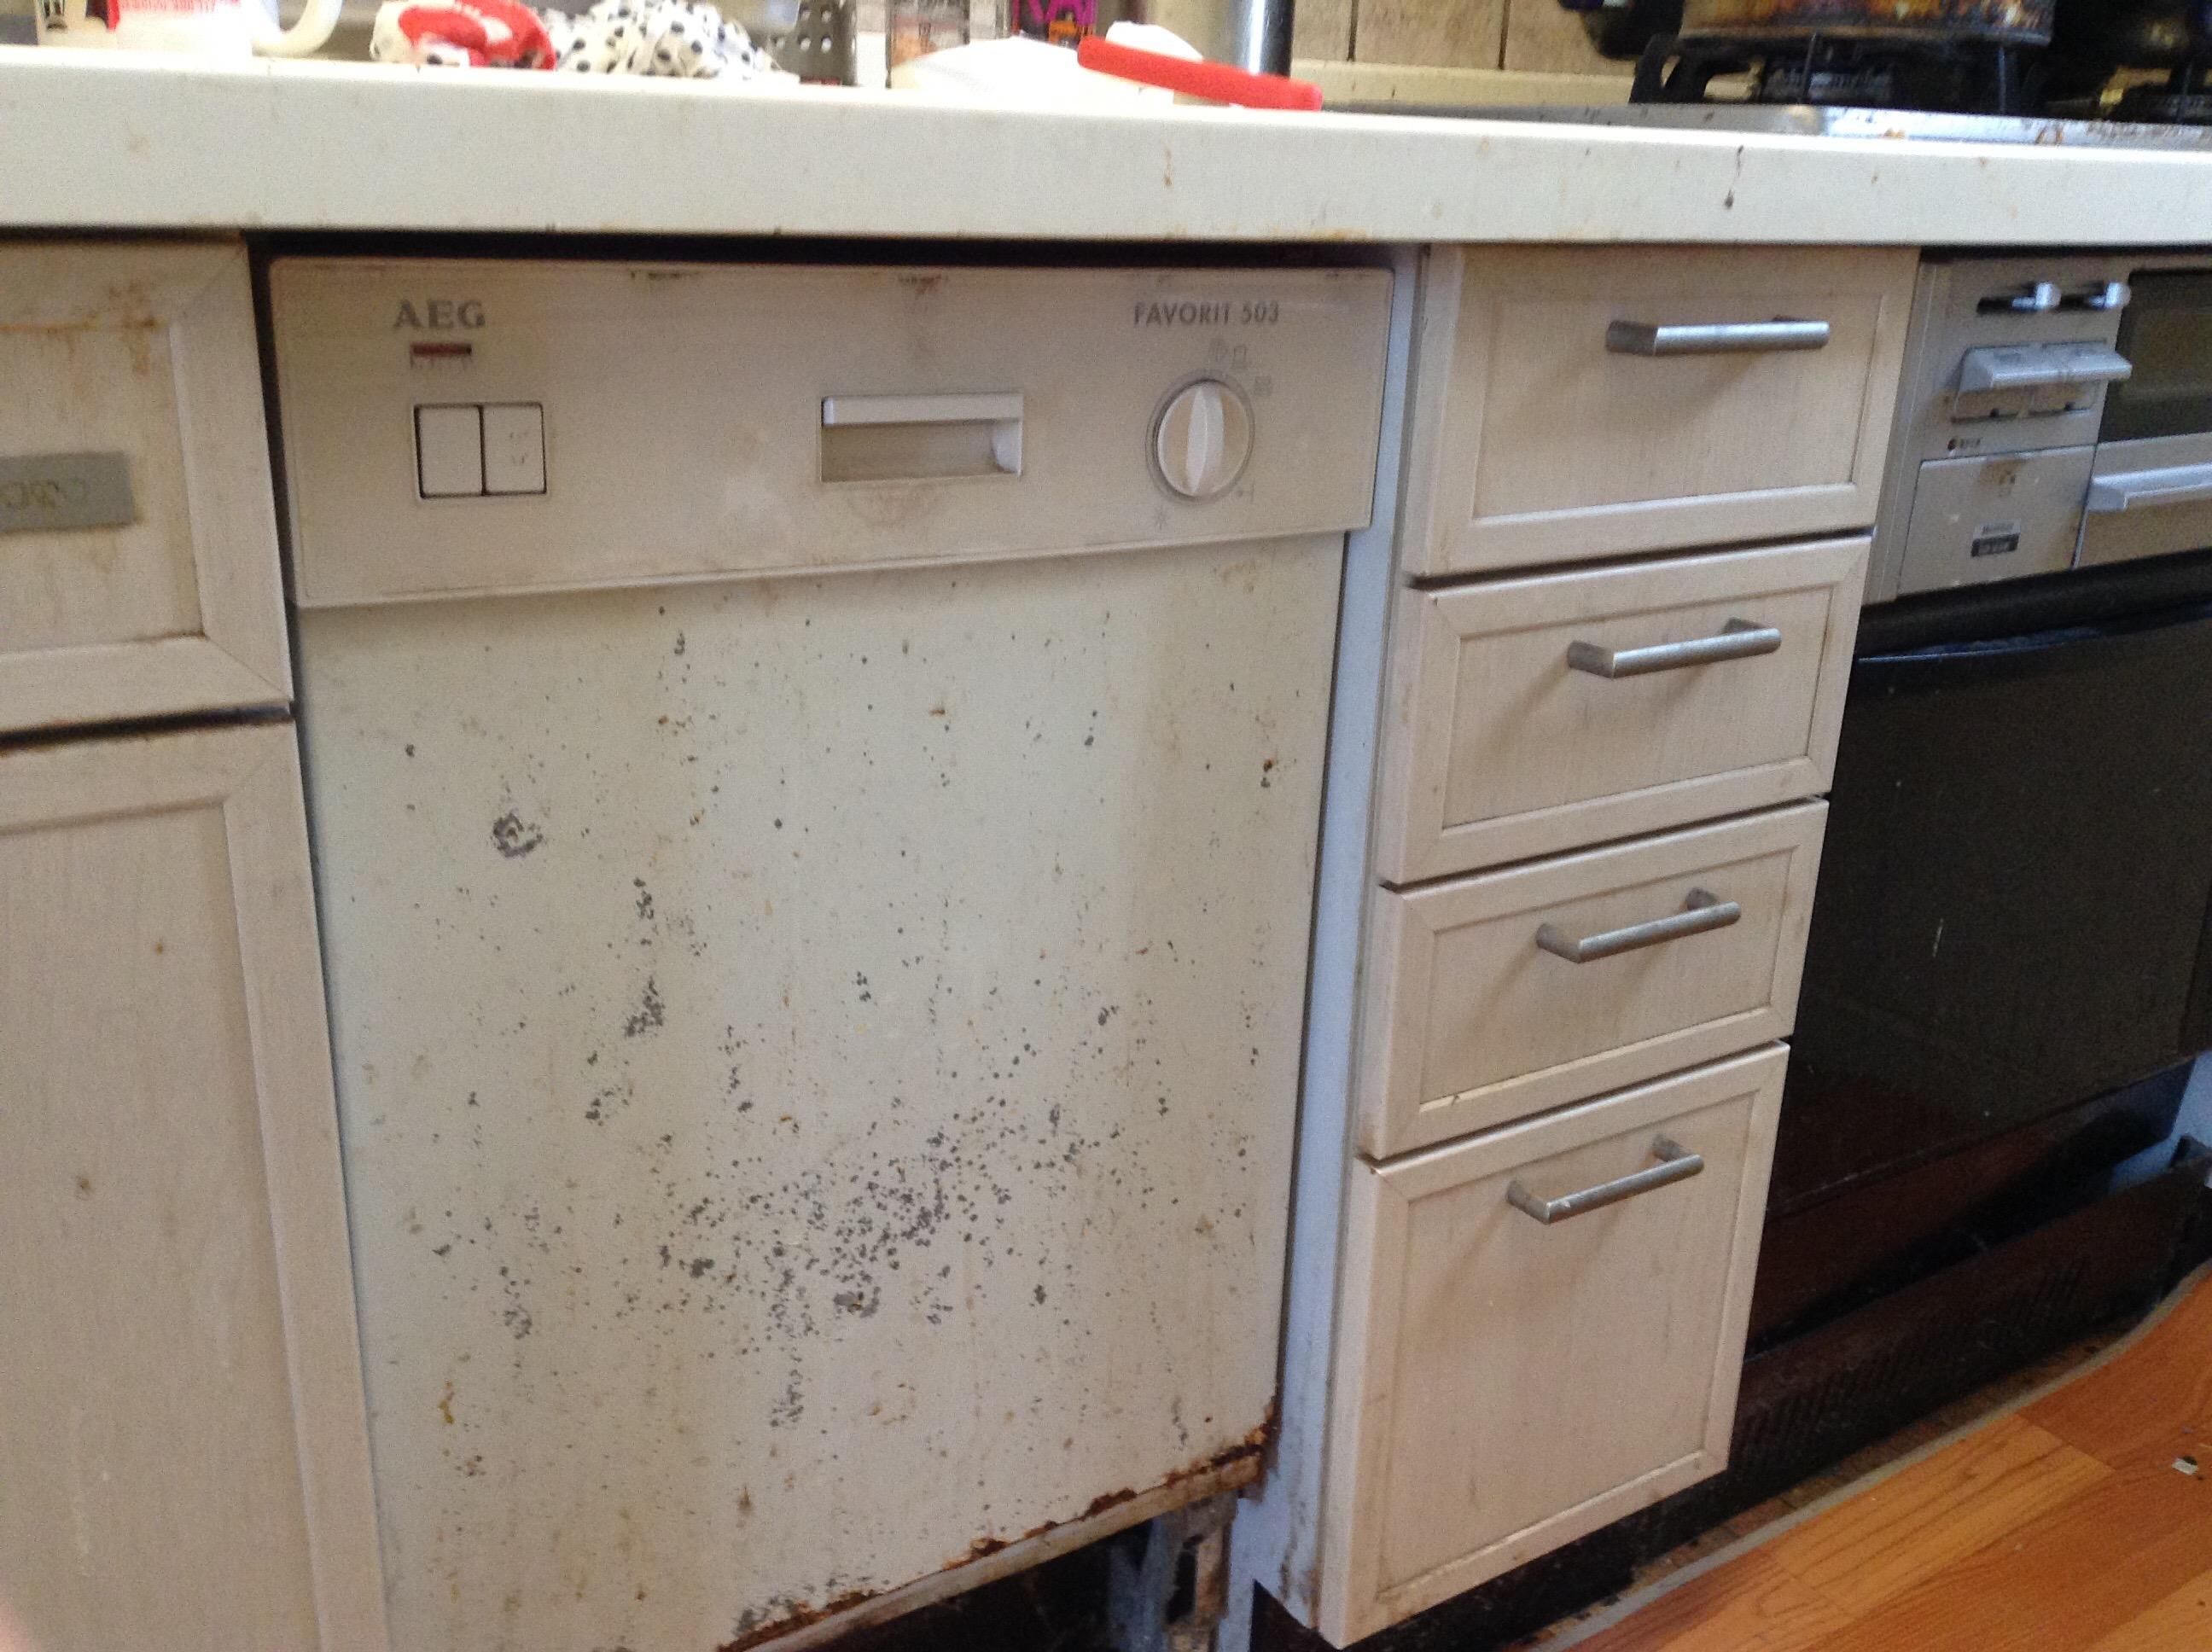 AEG91年製食器洗浄機